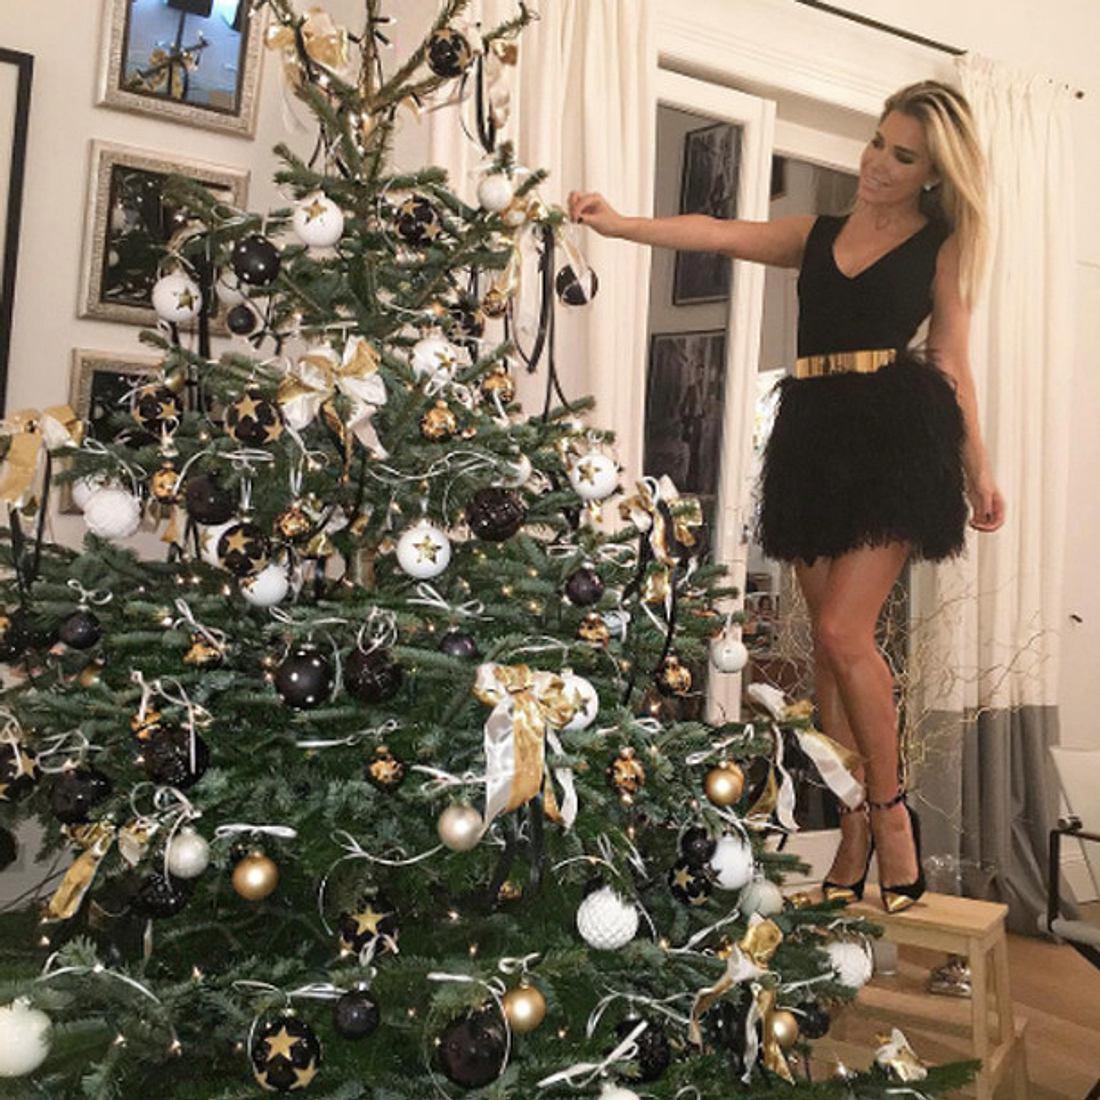 Sylvie Meis schmückt ihren Weihnachtsbaum im Glamour-Outfit